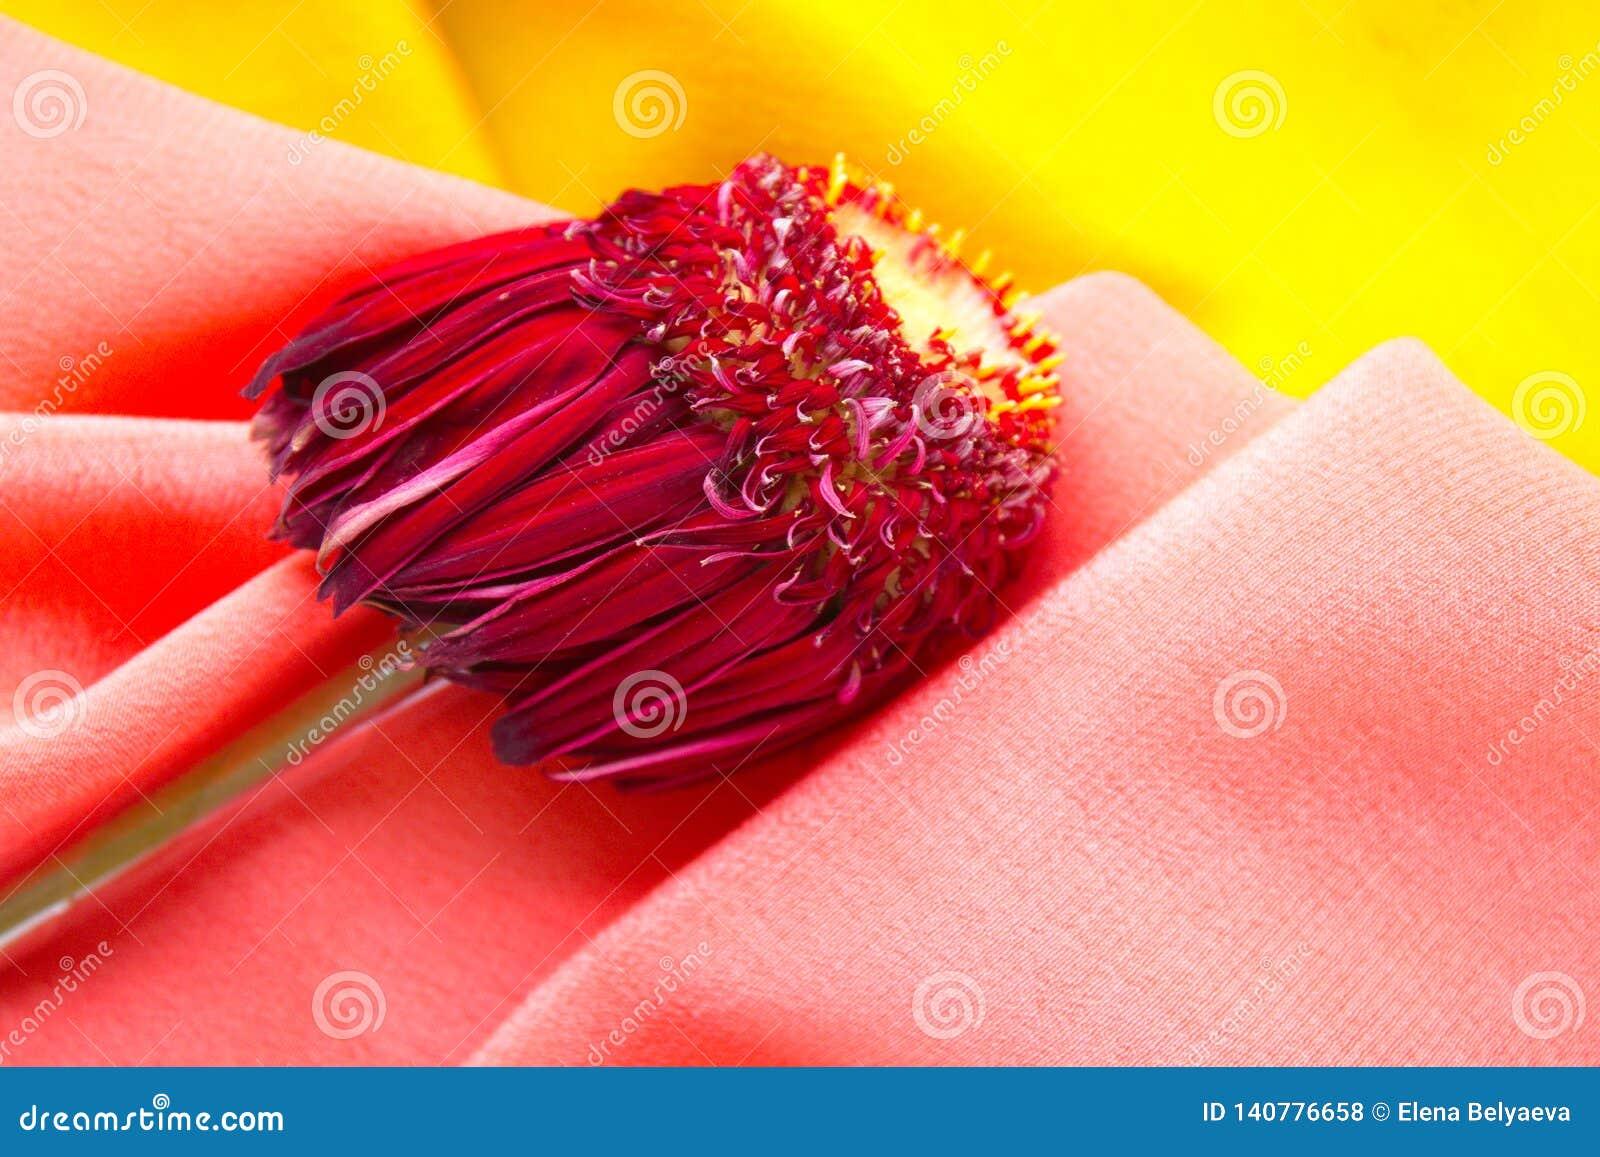 Bloem met purpere bladeren die op de roze en gele stof liggen